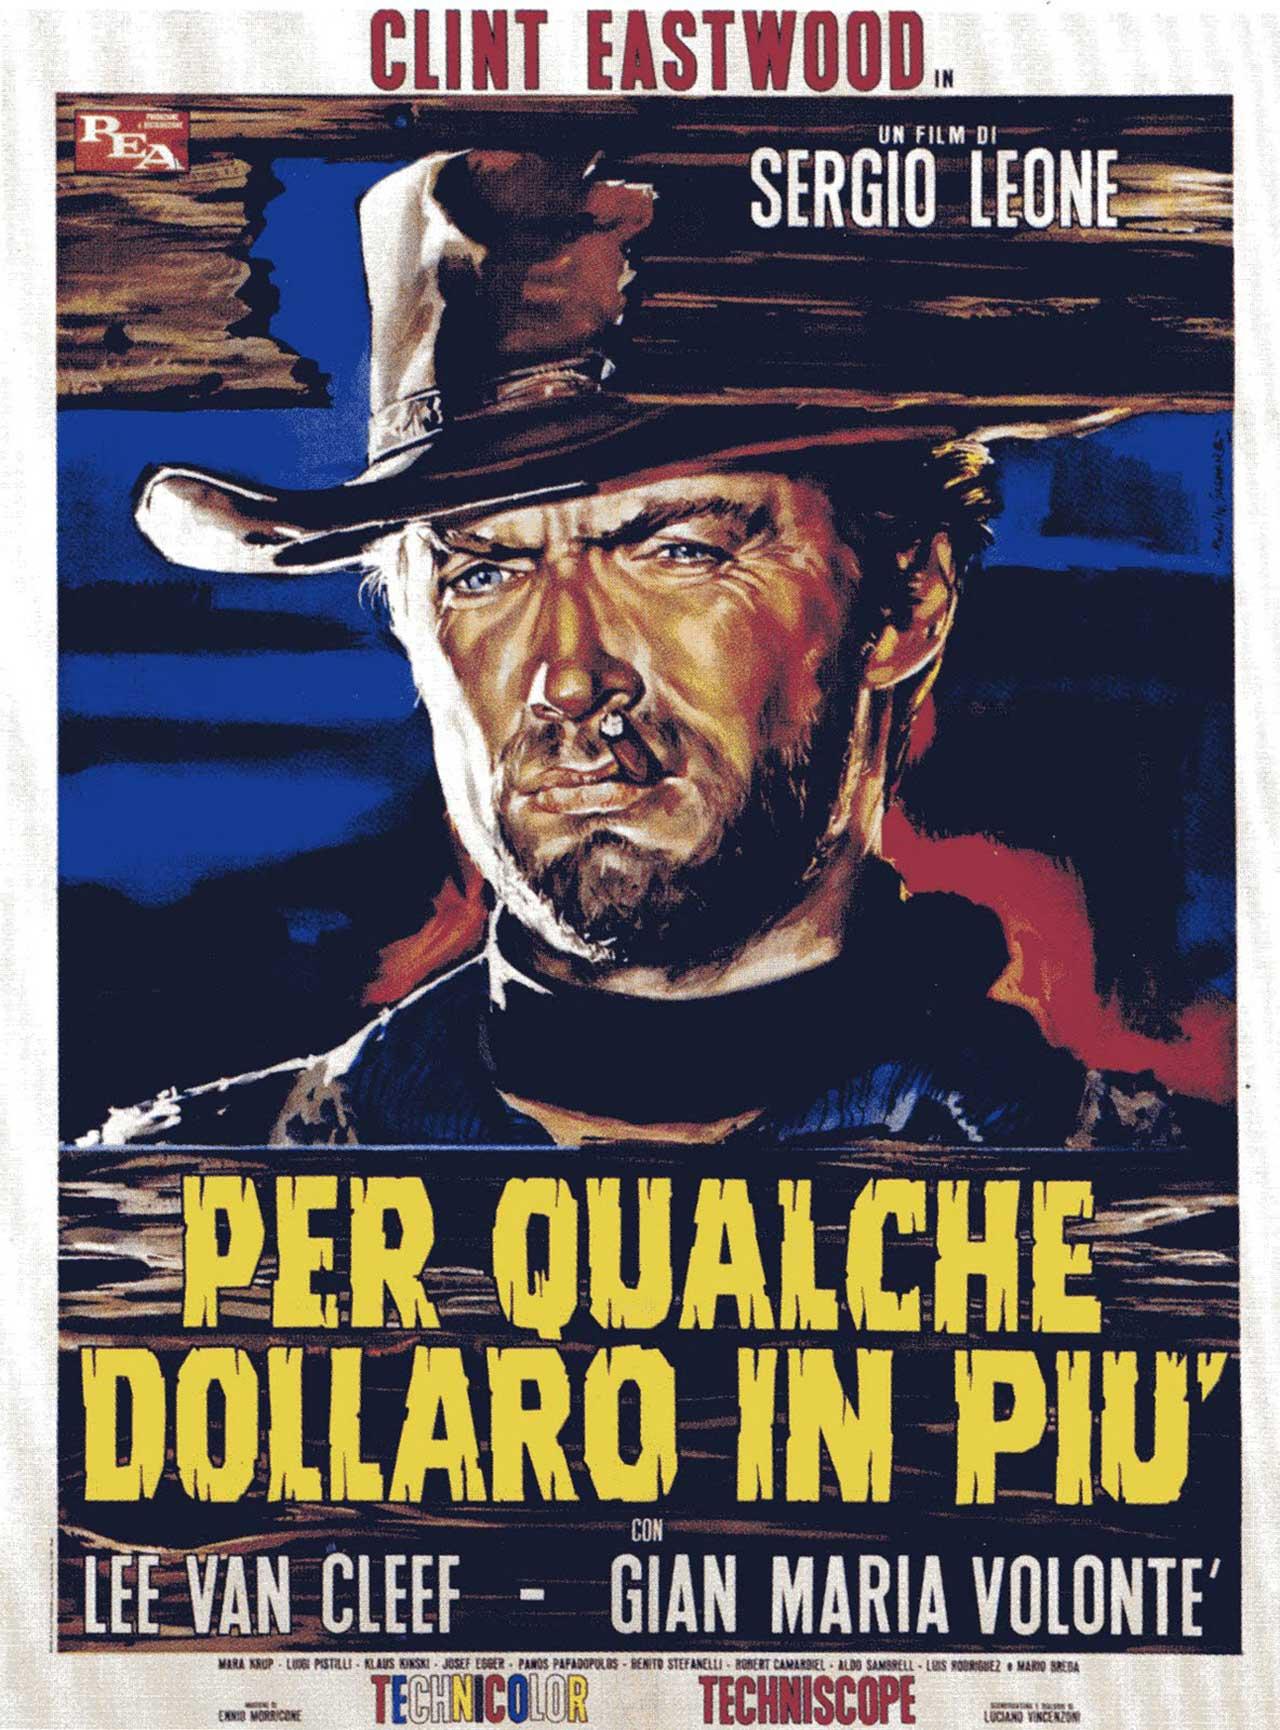 Clint Eastwood w Zak ilka dolarów więcej (1965) w reżyserii Sergia Leona